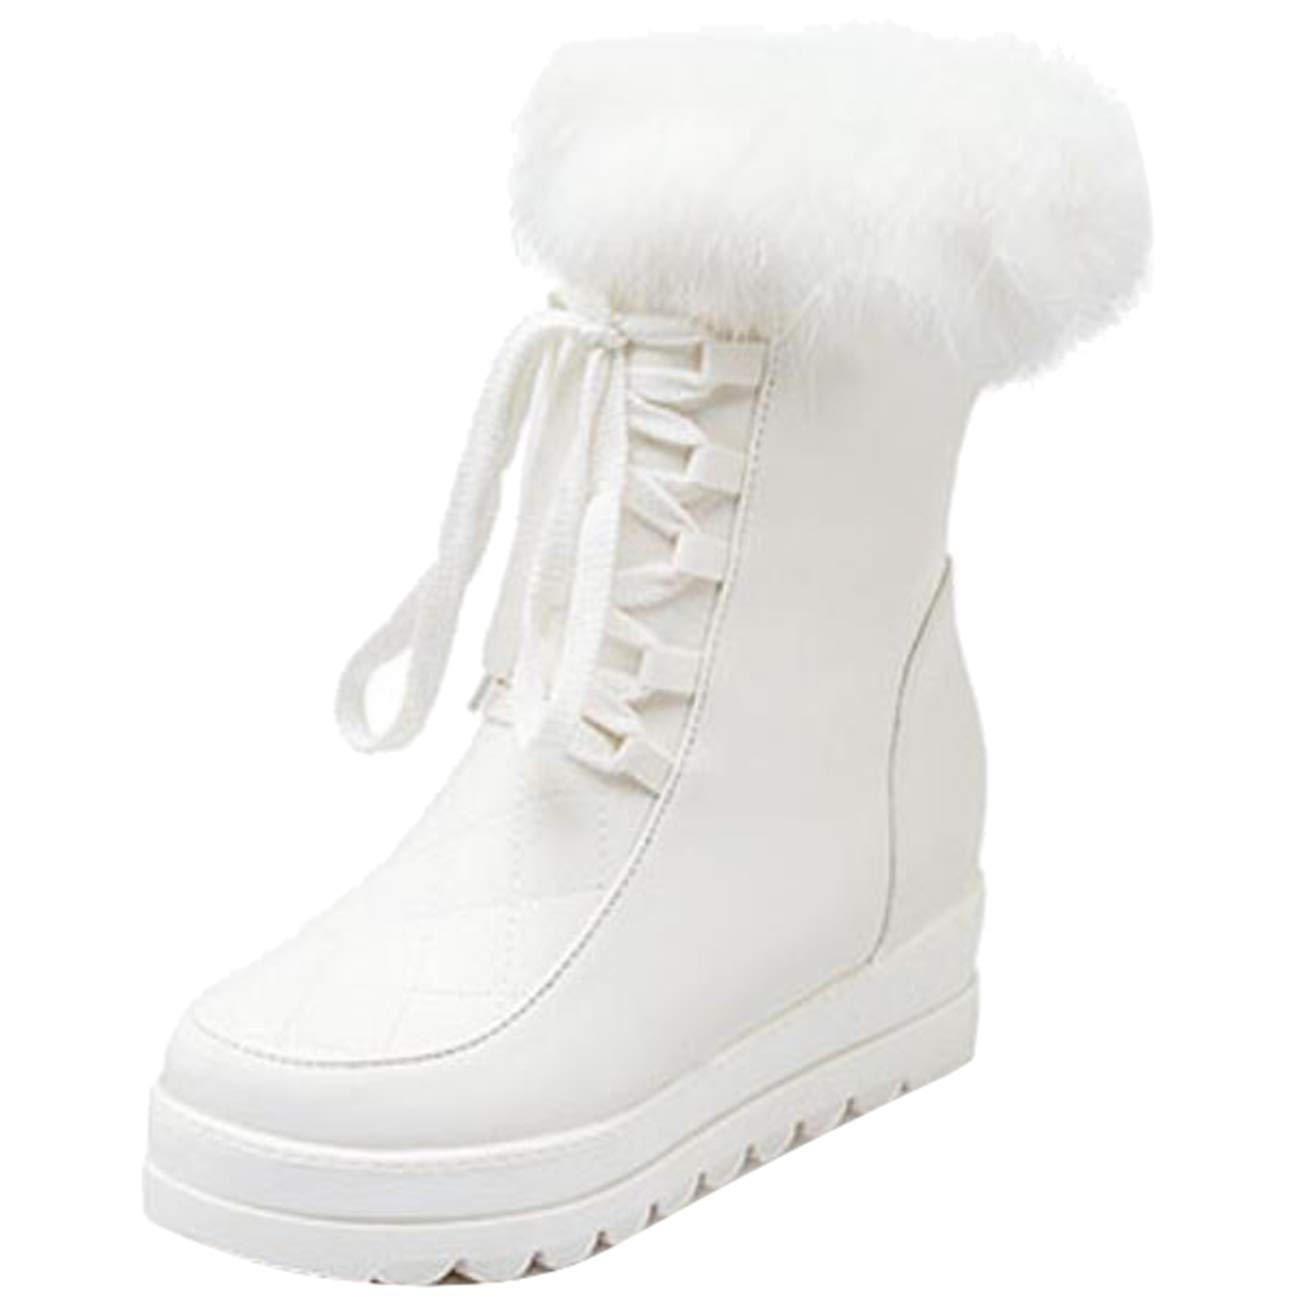 Eeayyygch Damen Schnürschuhe mit Rundum-Zehe-Flatform-Zip-Pelz (Farbe     Weiß, Größe   7 UK) c29b4c